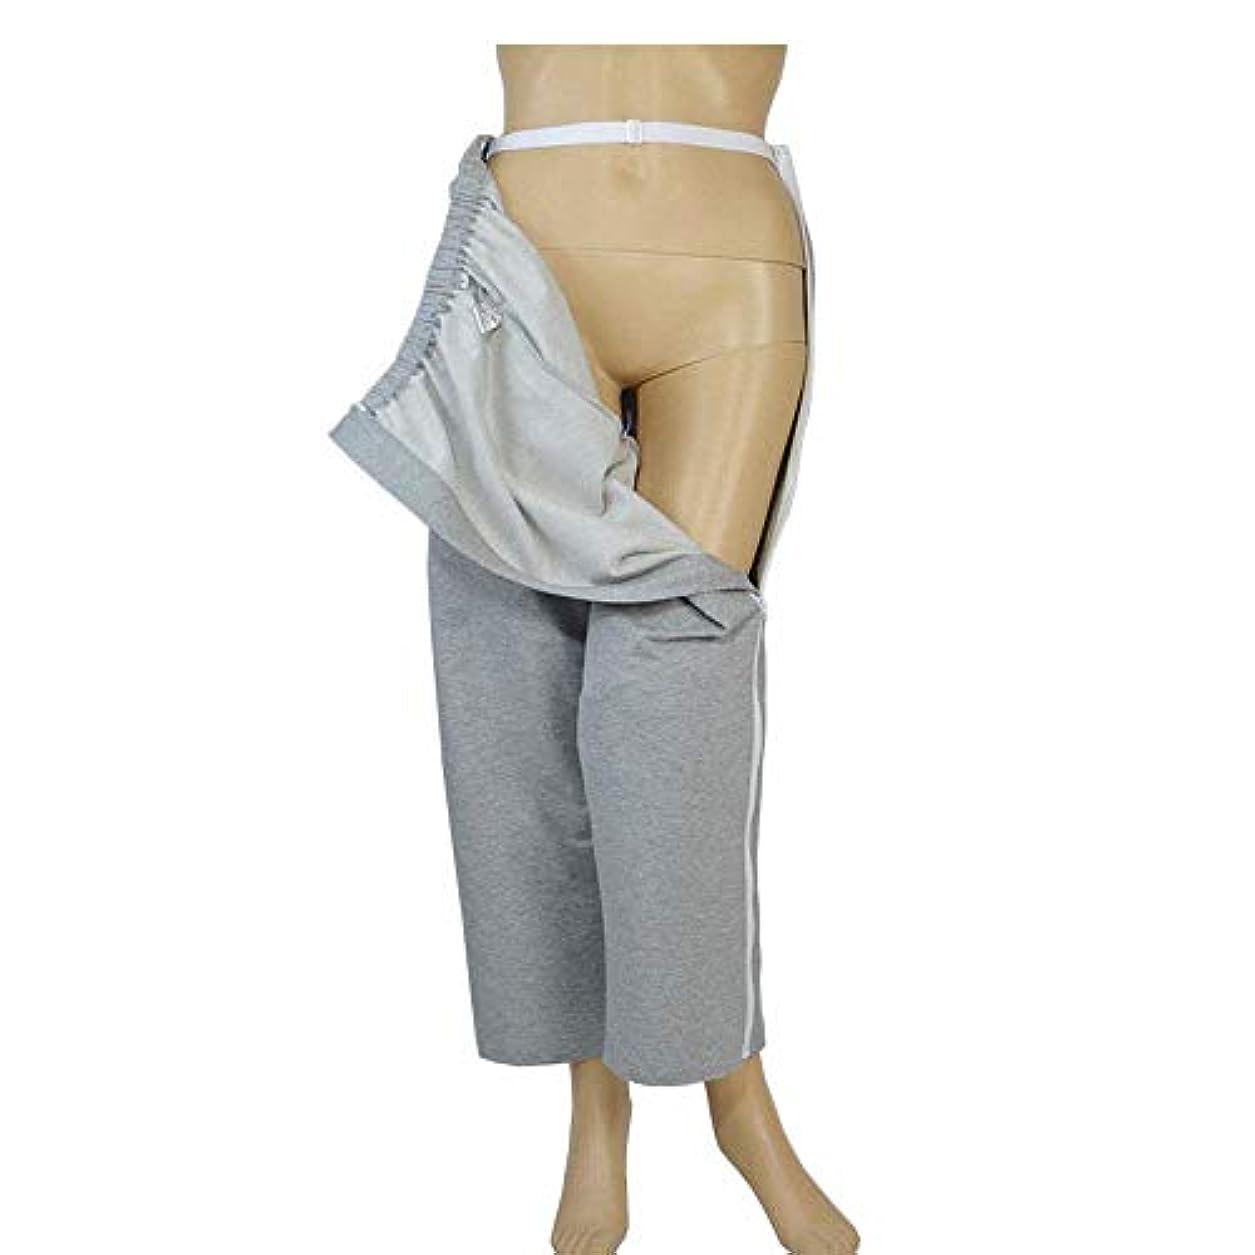 ナプキンディスコ入浴患者用パンツ患者ケア服、着用と脱着が容易、病院/在宅看護支援、骨折のスーツ、寝たきりの患者/高齢者,XL